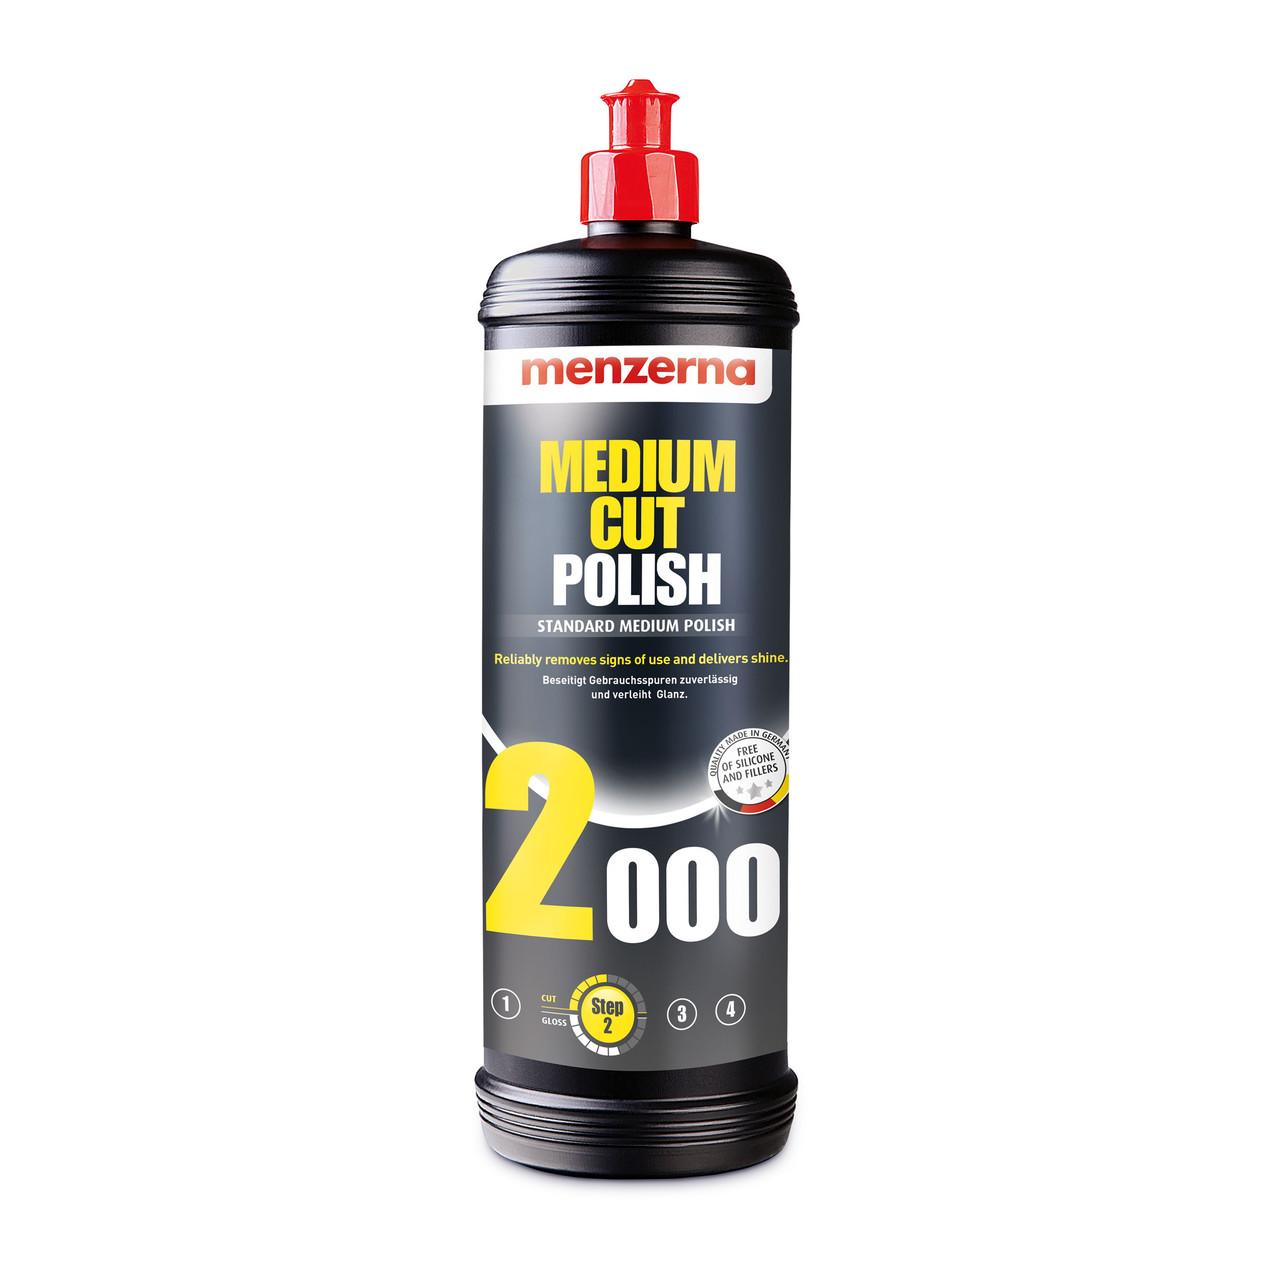 Medium Cut Polish 2000 Среднеабразивная полировальная паста Menzerna 1кг